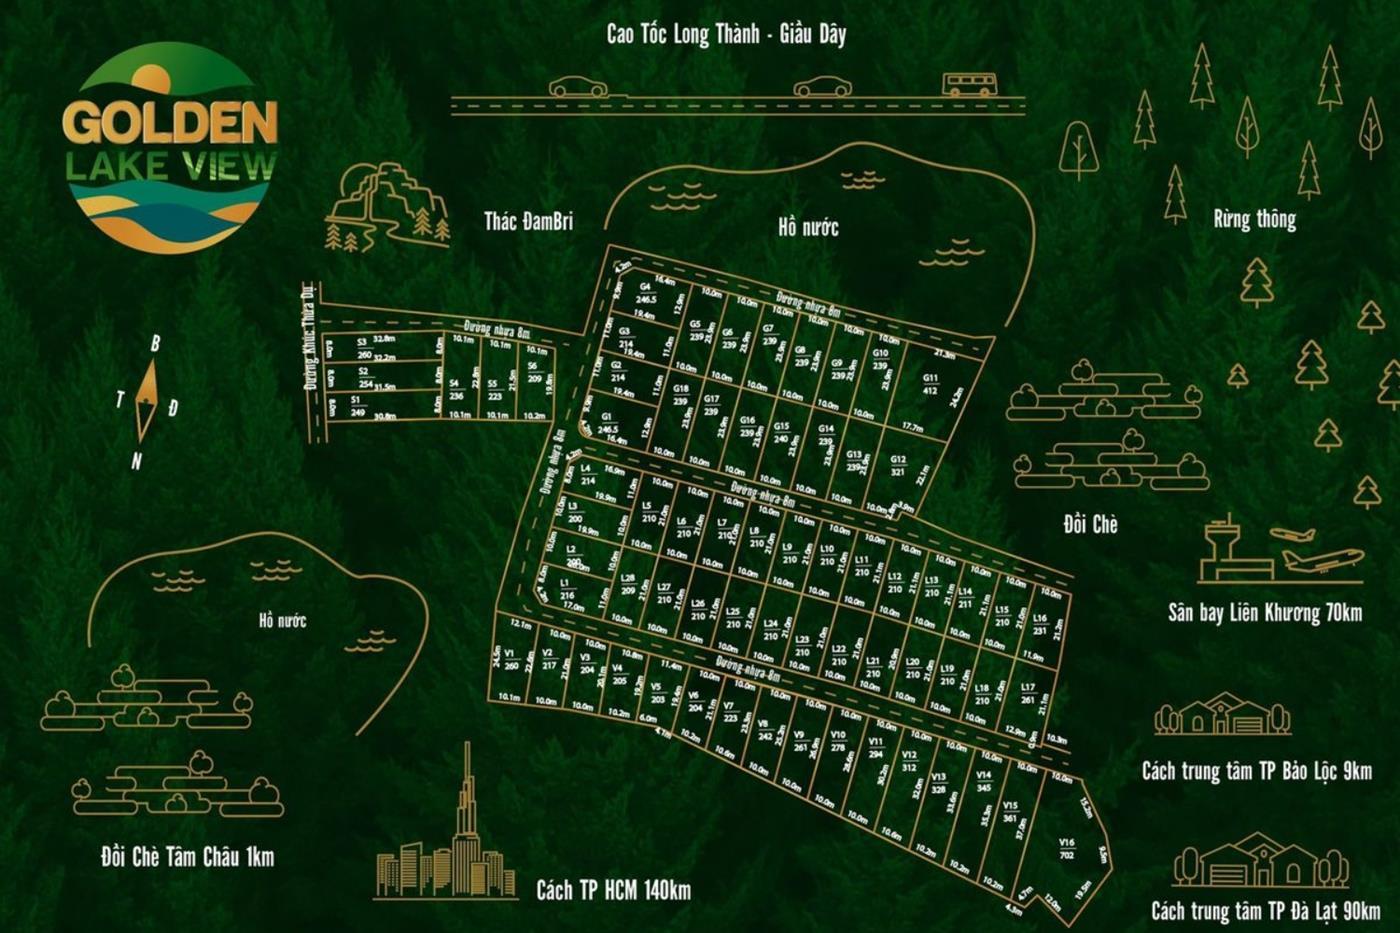 Mặt bằng tổng thể khu nghỉ dưỡng Golden Lake View